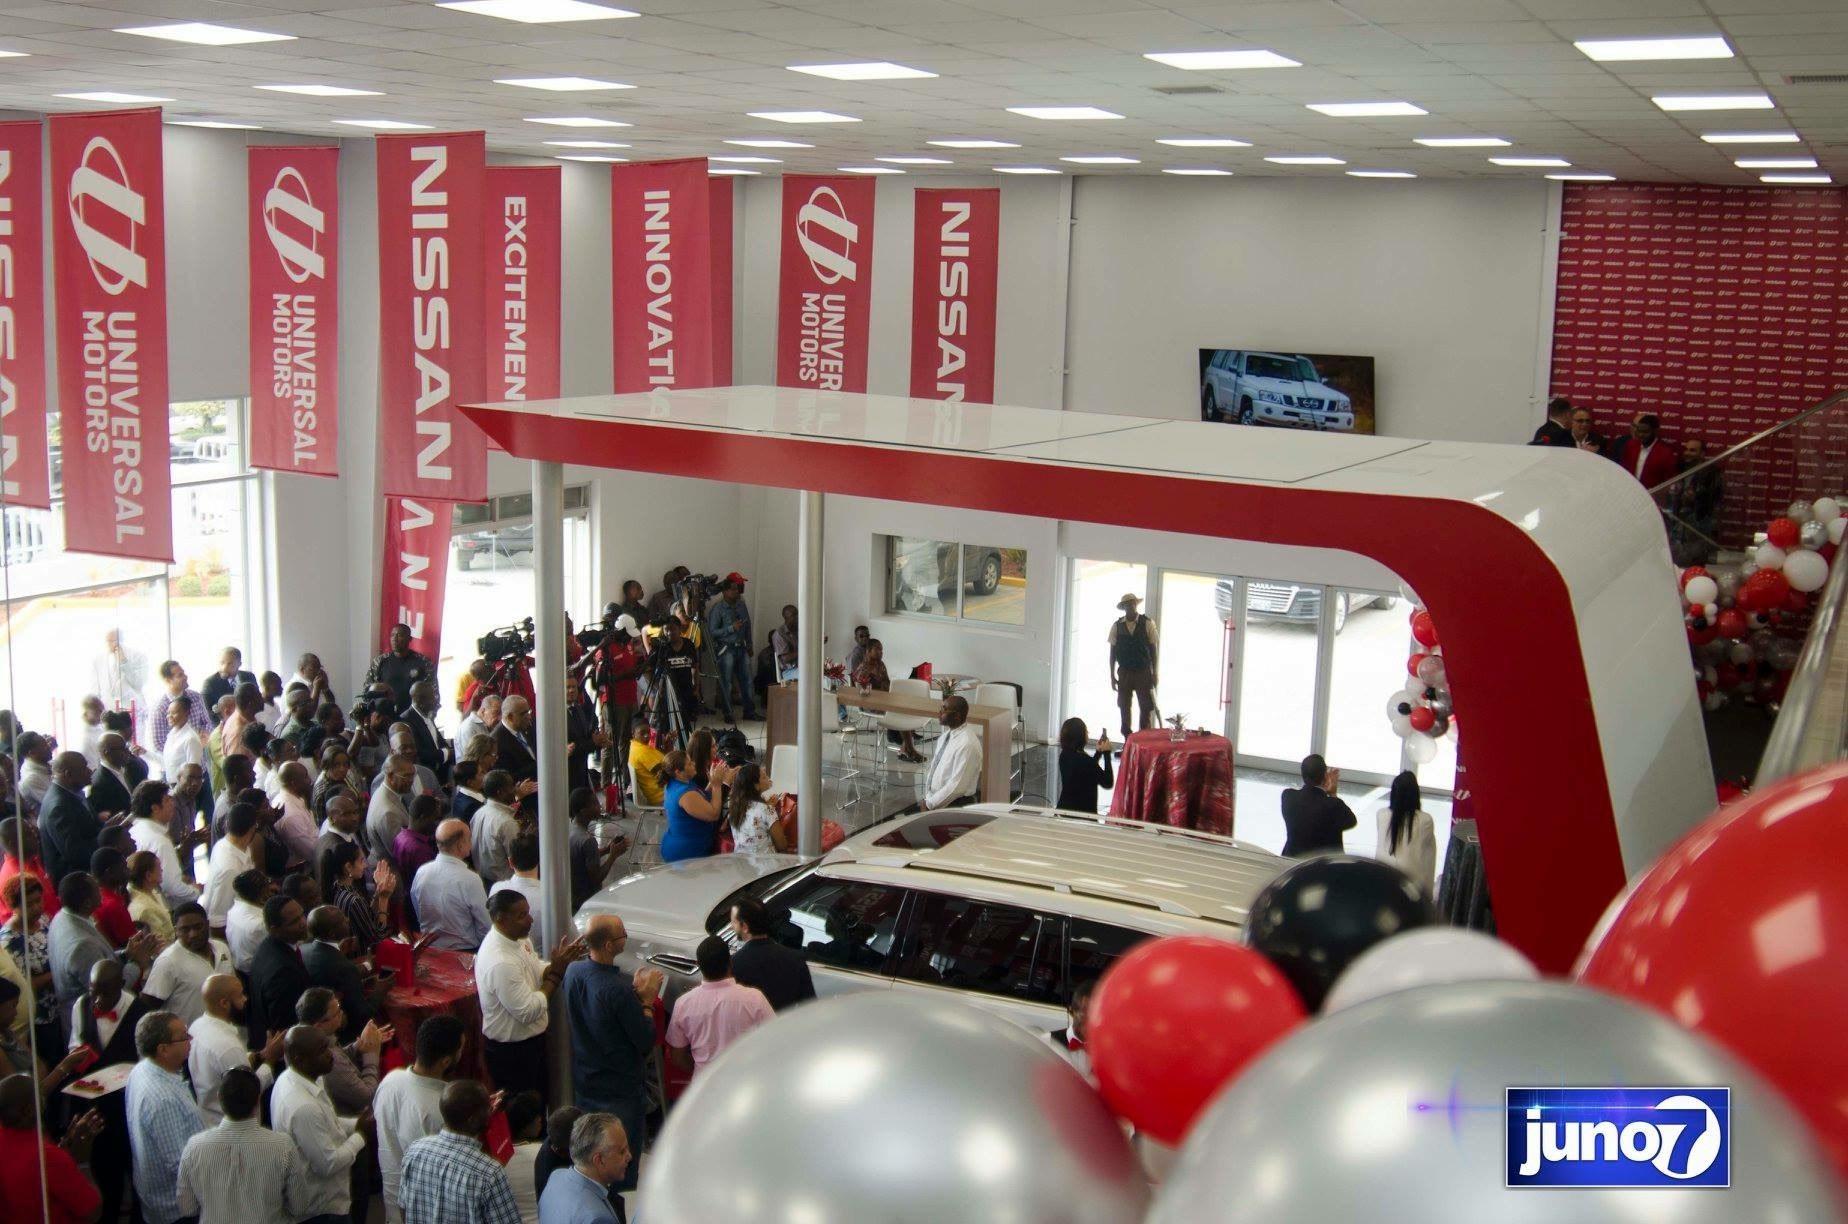 La Nissan Universal Motors inaugure le plus grand showroom de la caraïbe et de l'Amérique latine 43